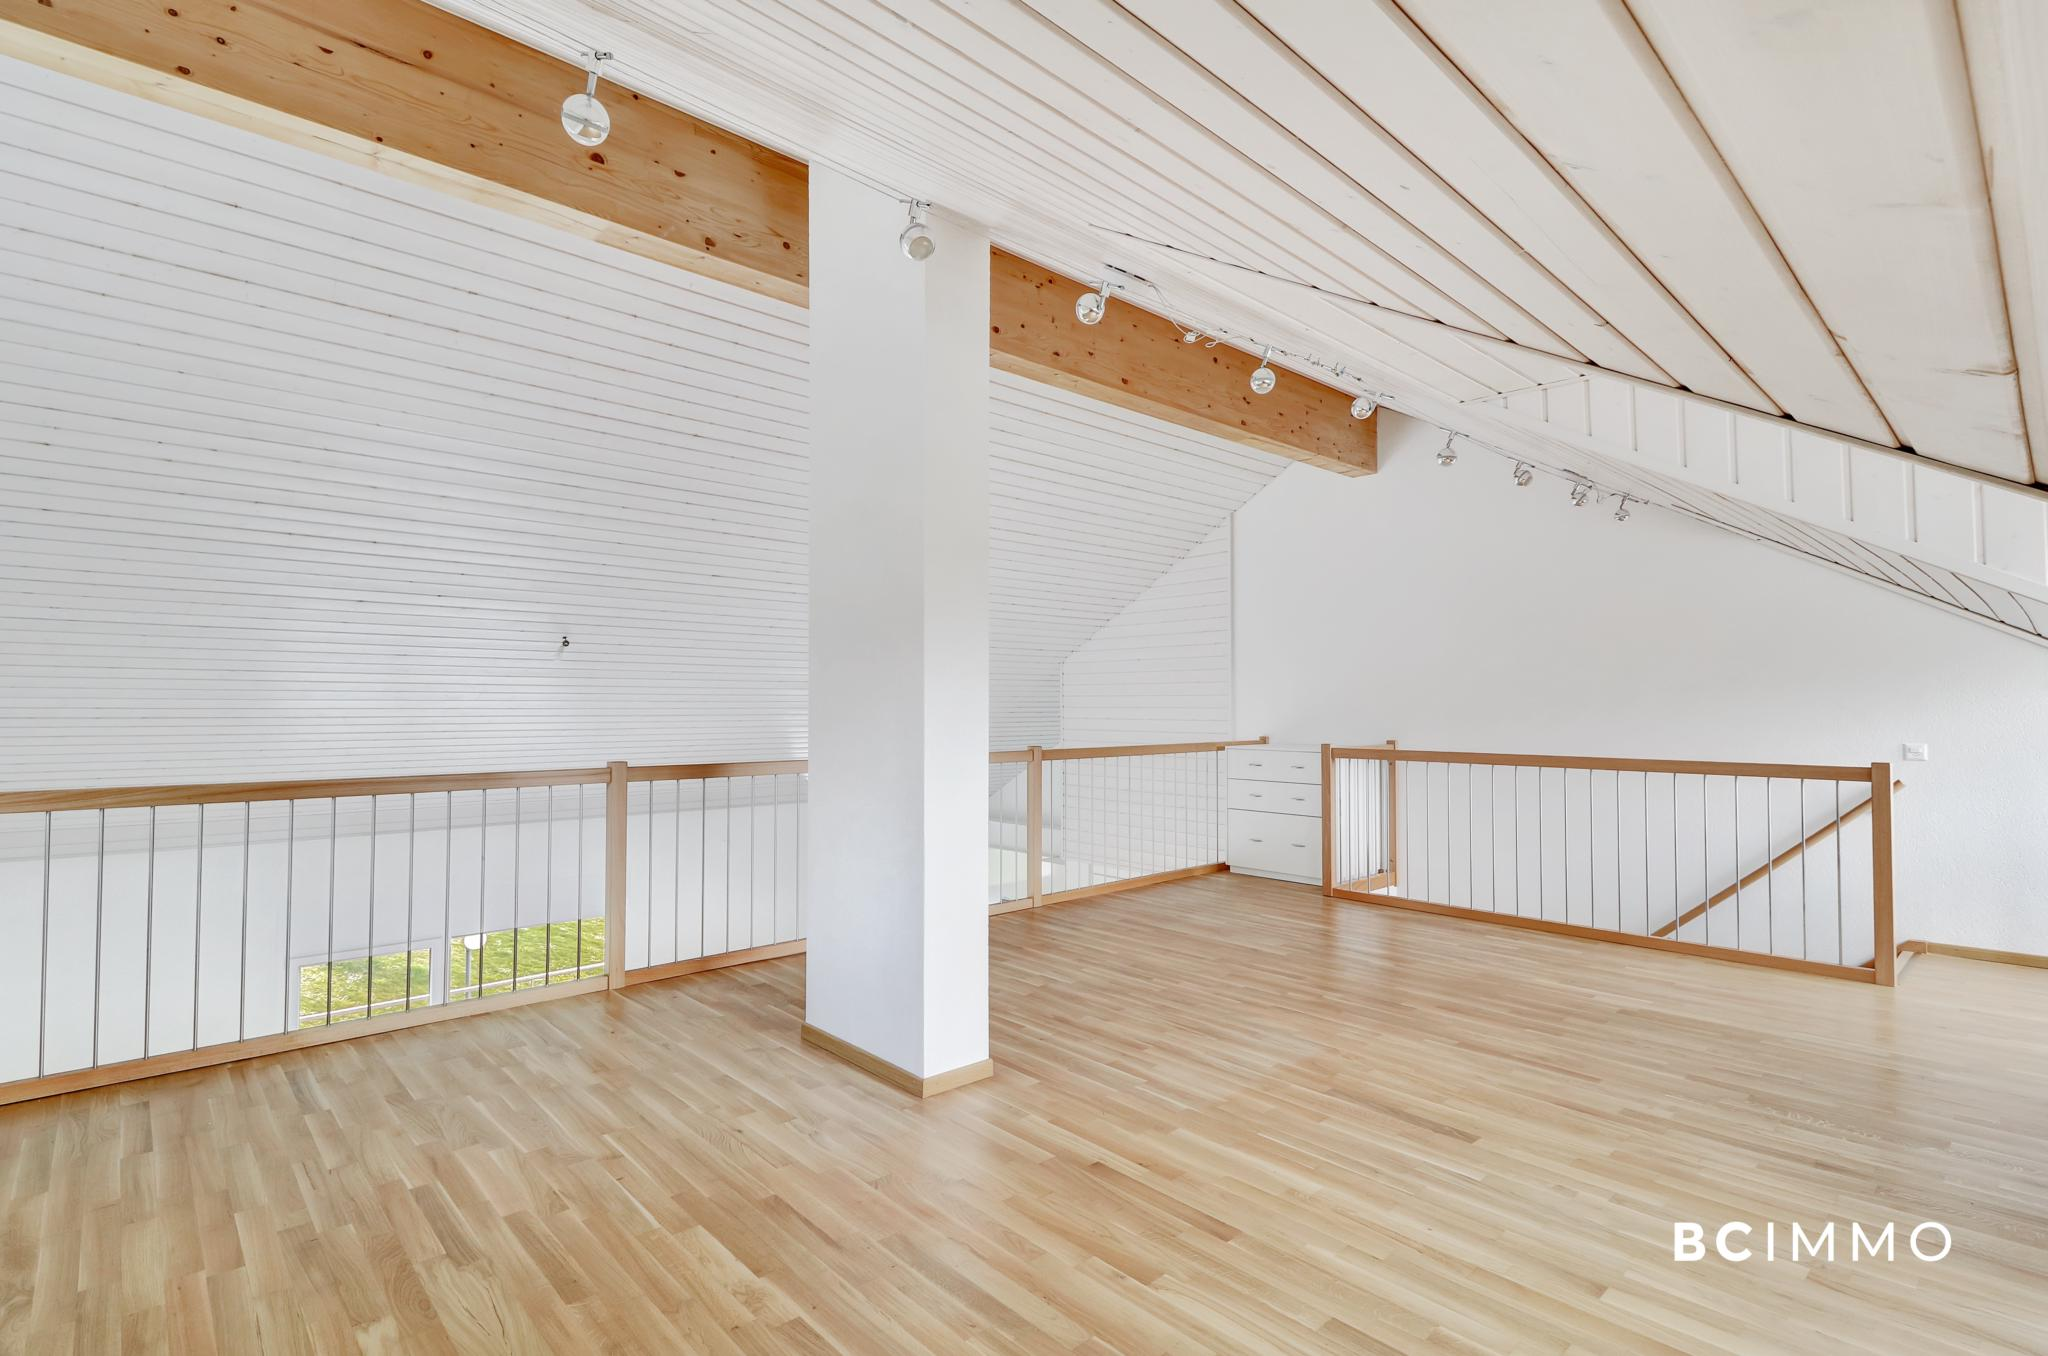 BC Immo - Spacieux attique avec mezzanine proche de tout - 1610SB02